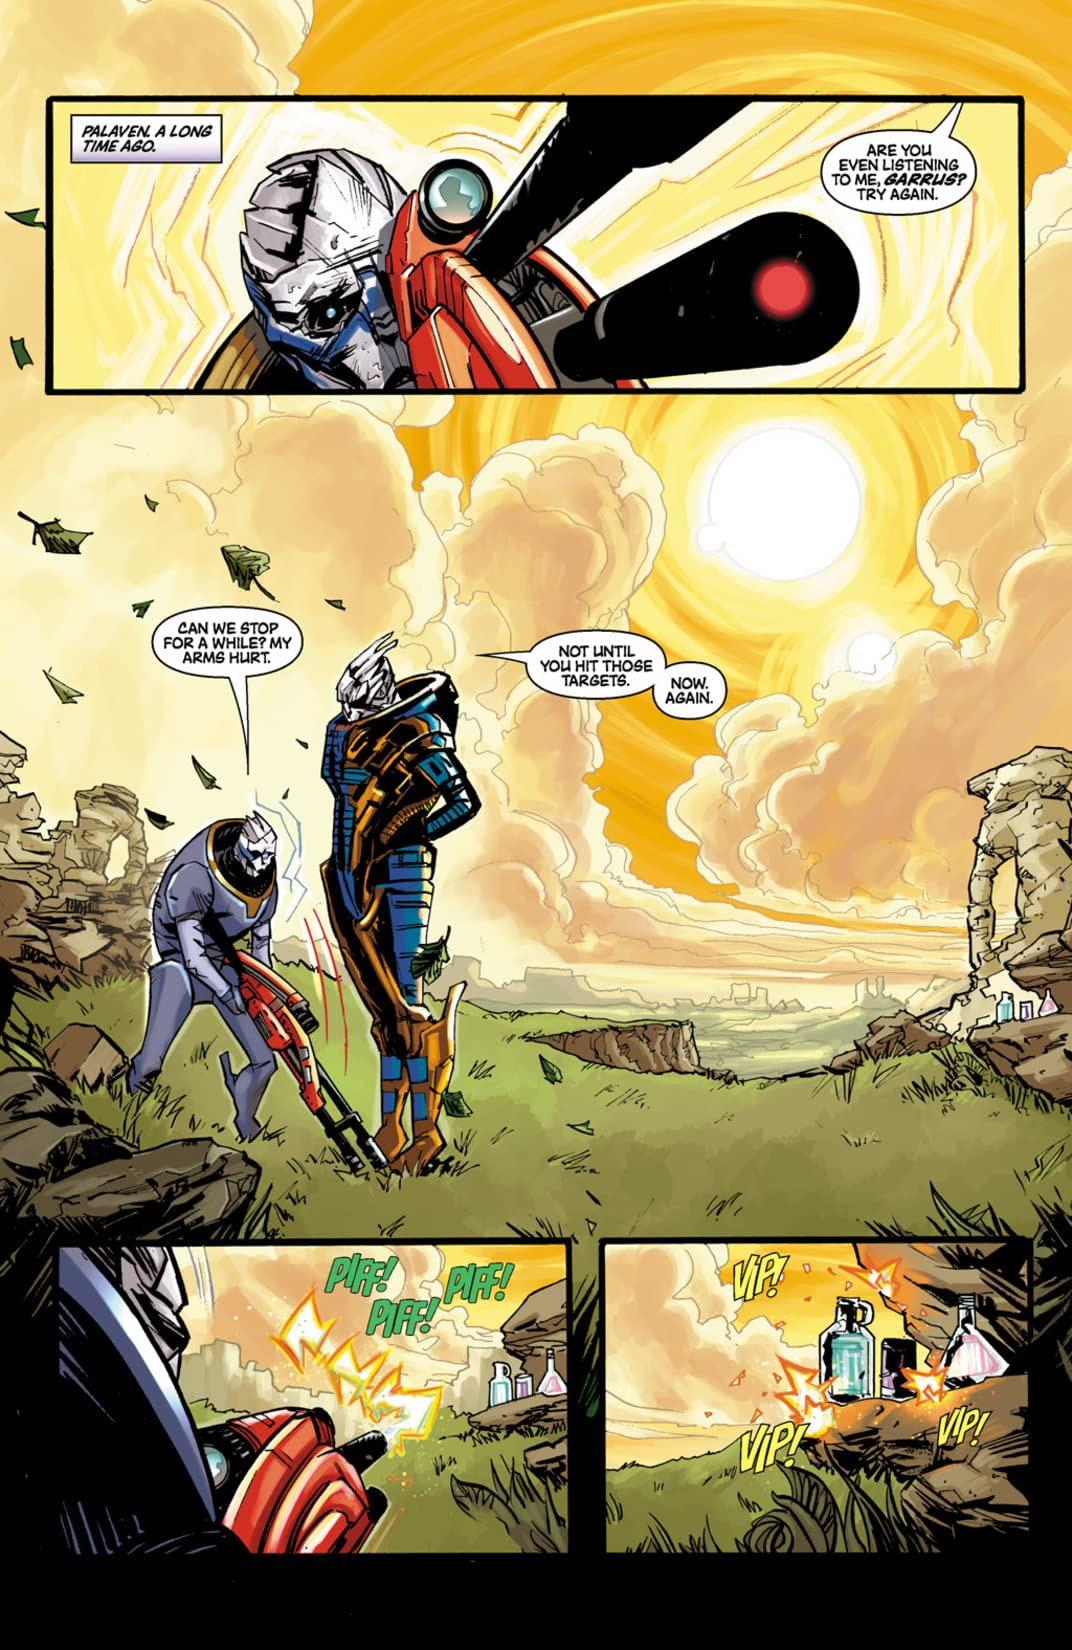 Mass Effect: Homeworlds #3